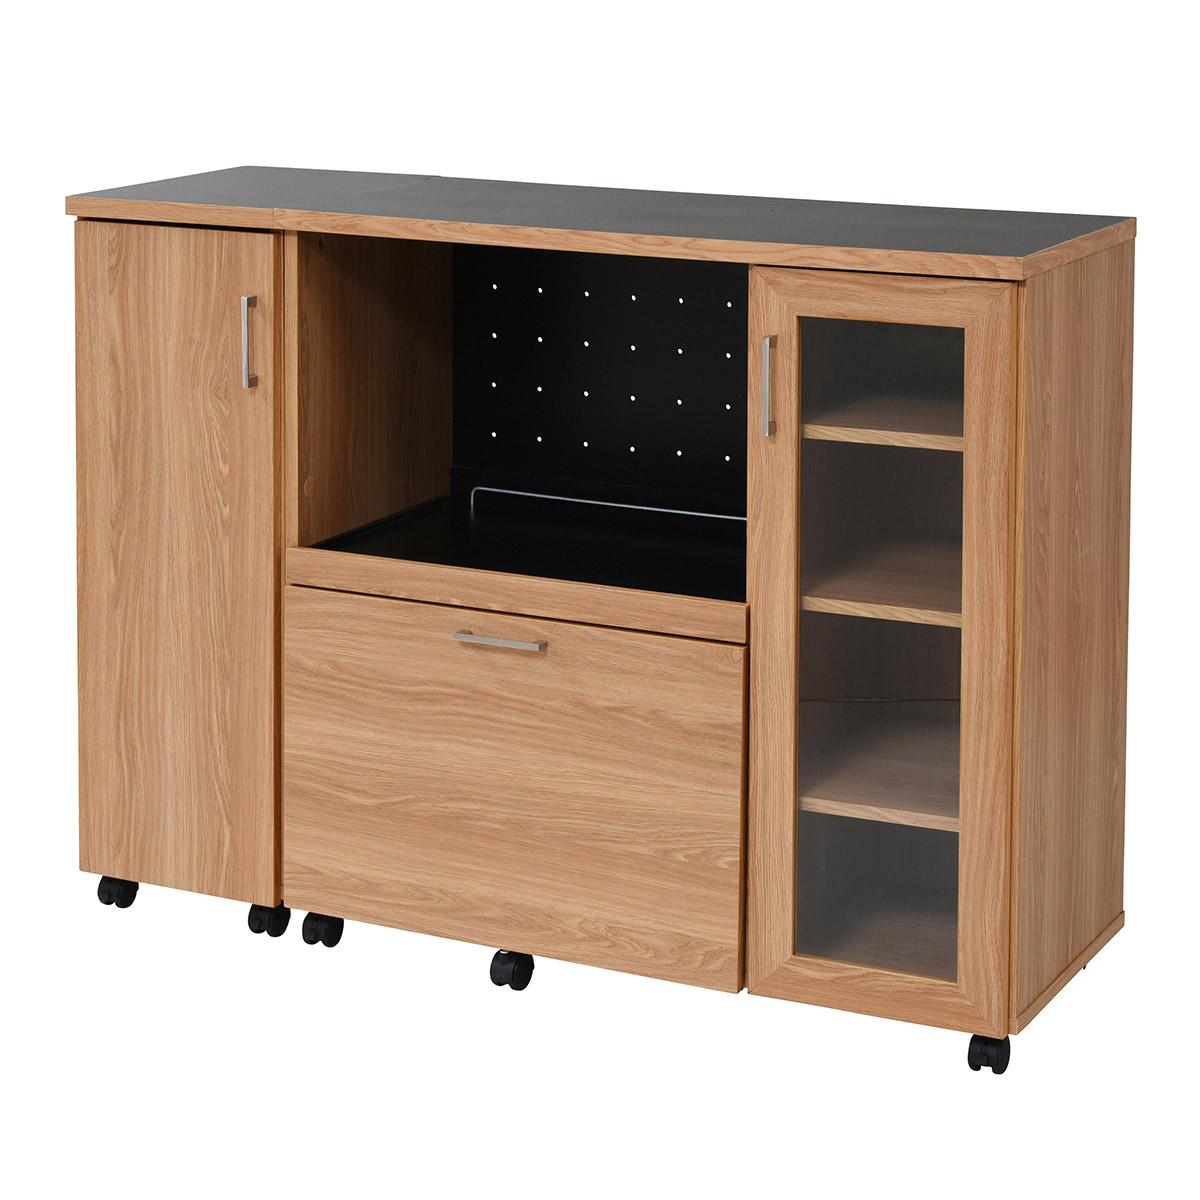 キッチンカウンター FAP−1022SET−NABK